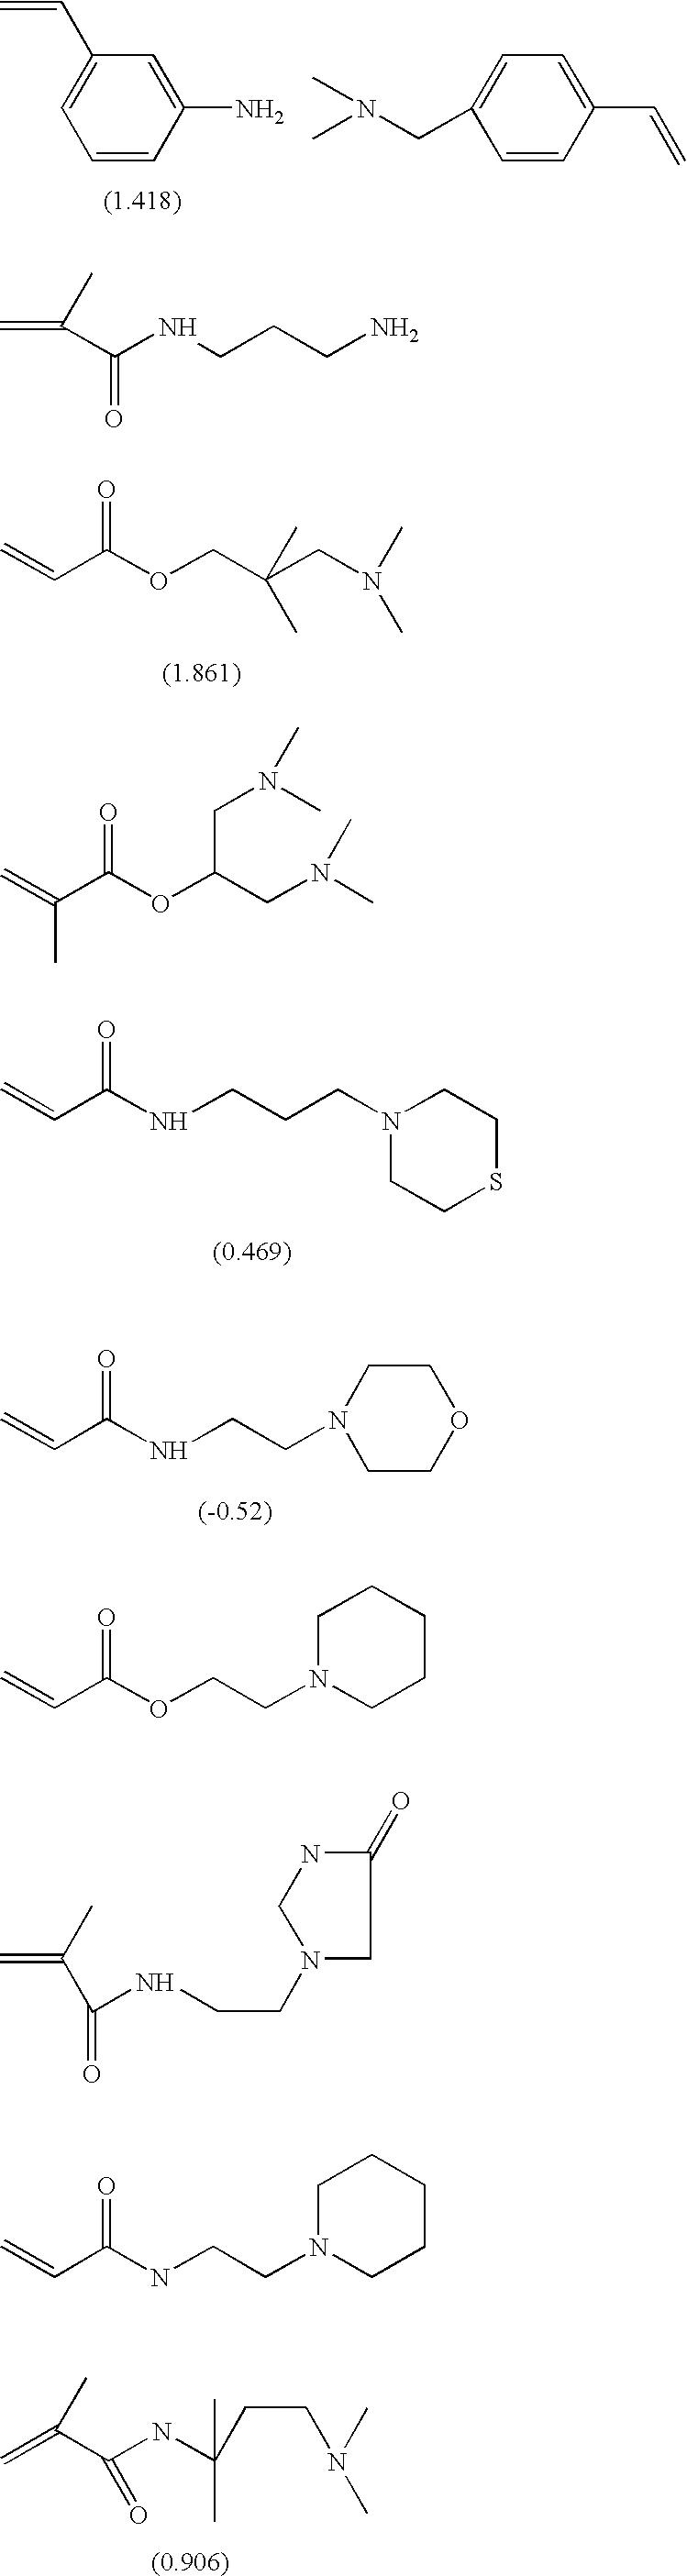 Figure US20100166844A1-20100701-C00008